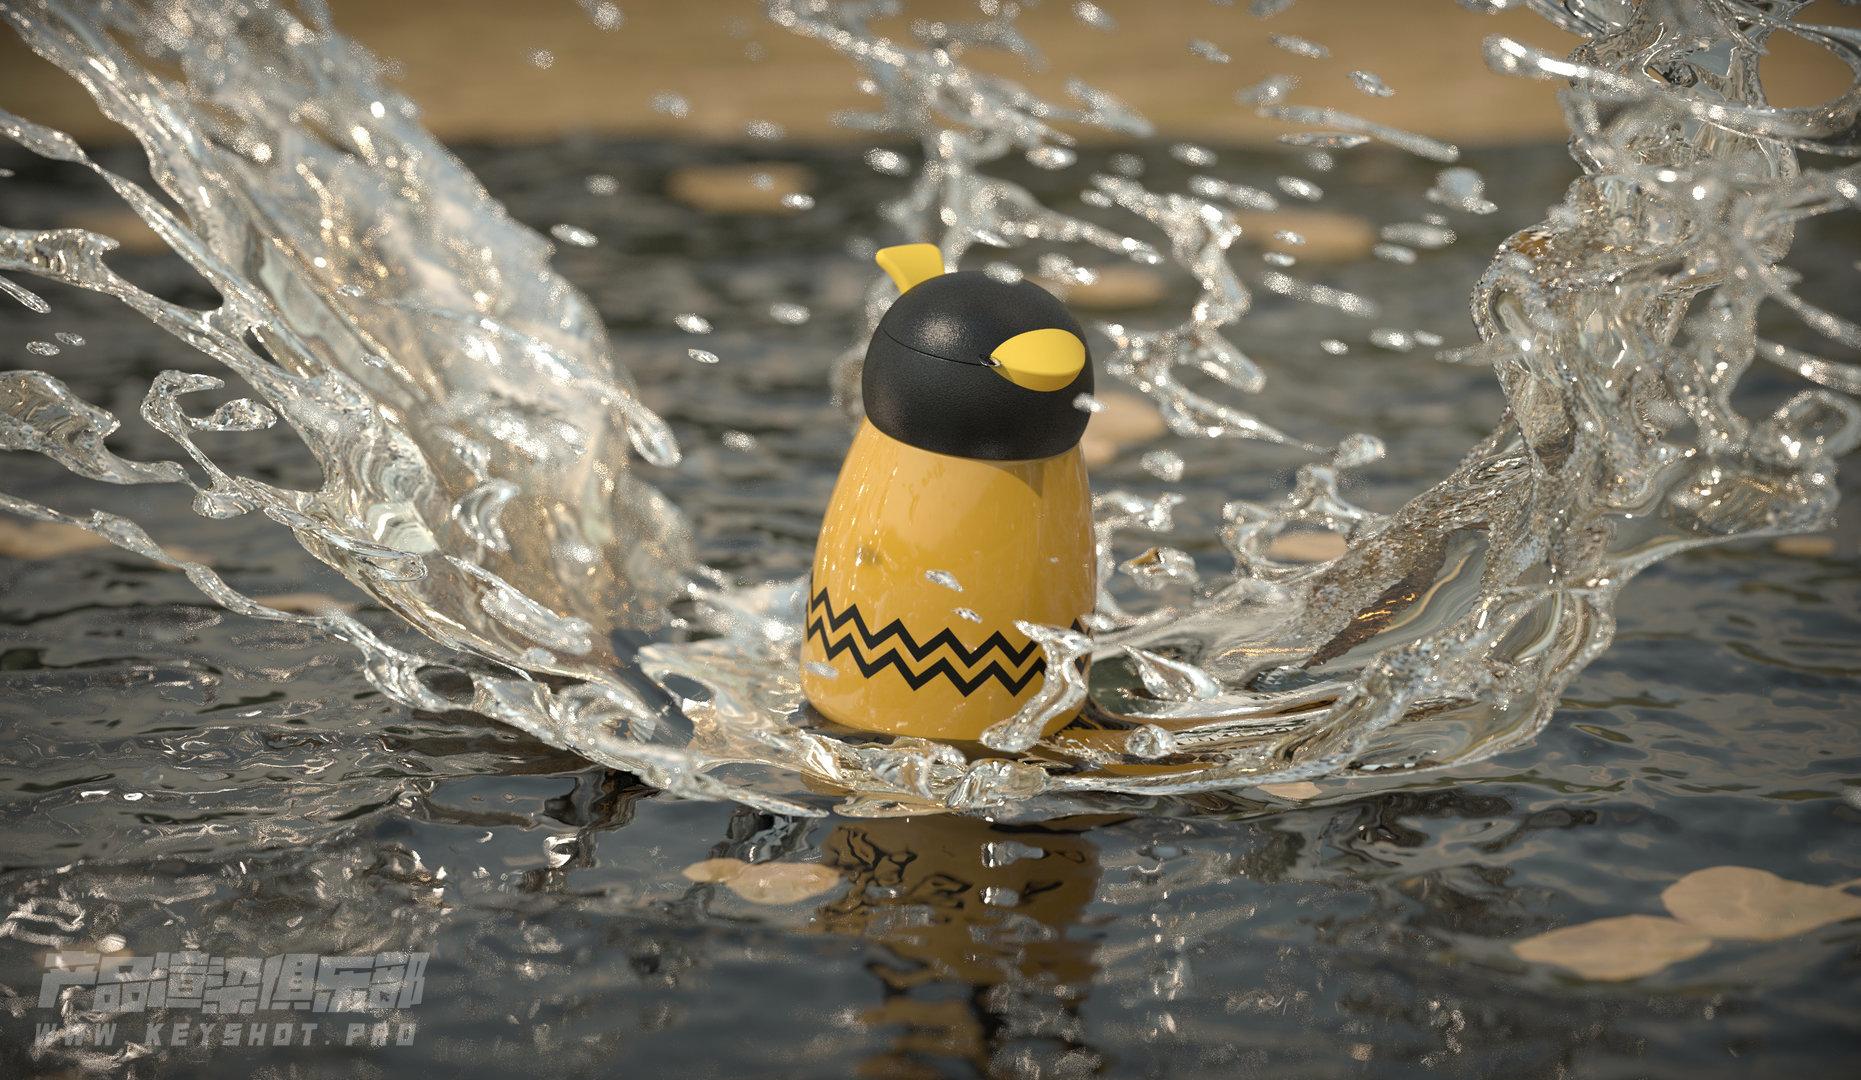 一个掉水里的保温杯